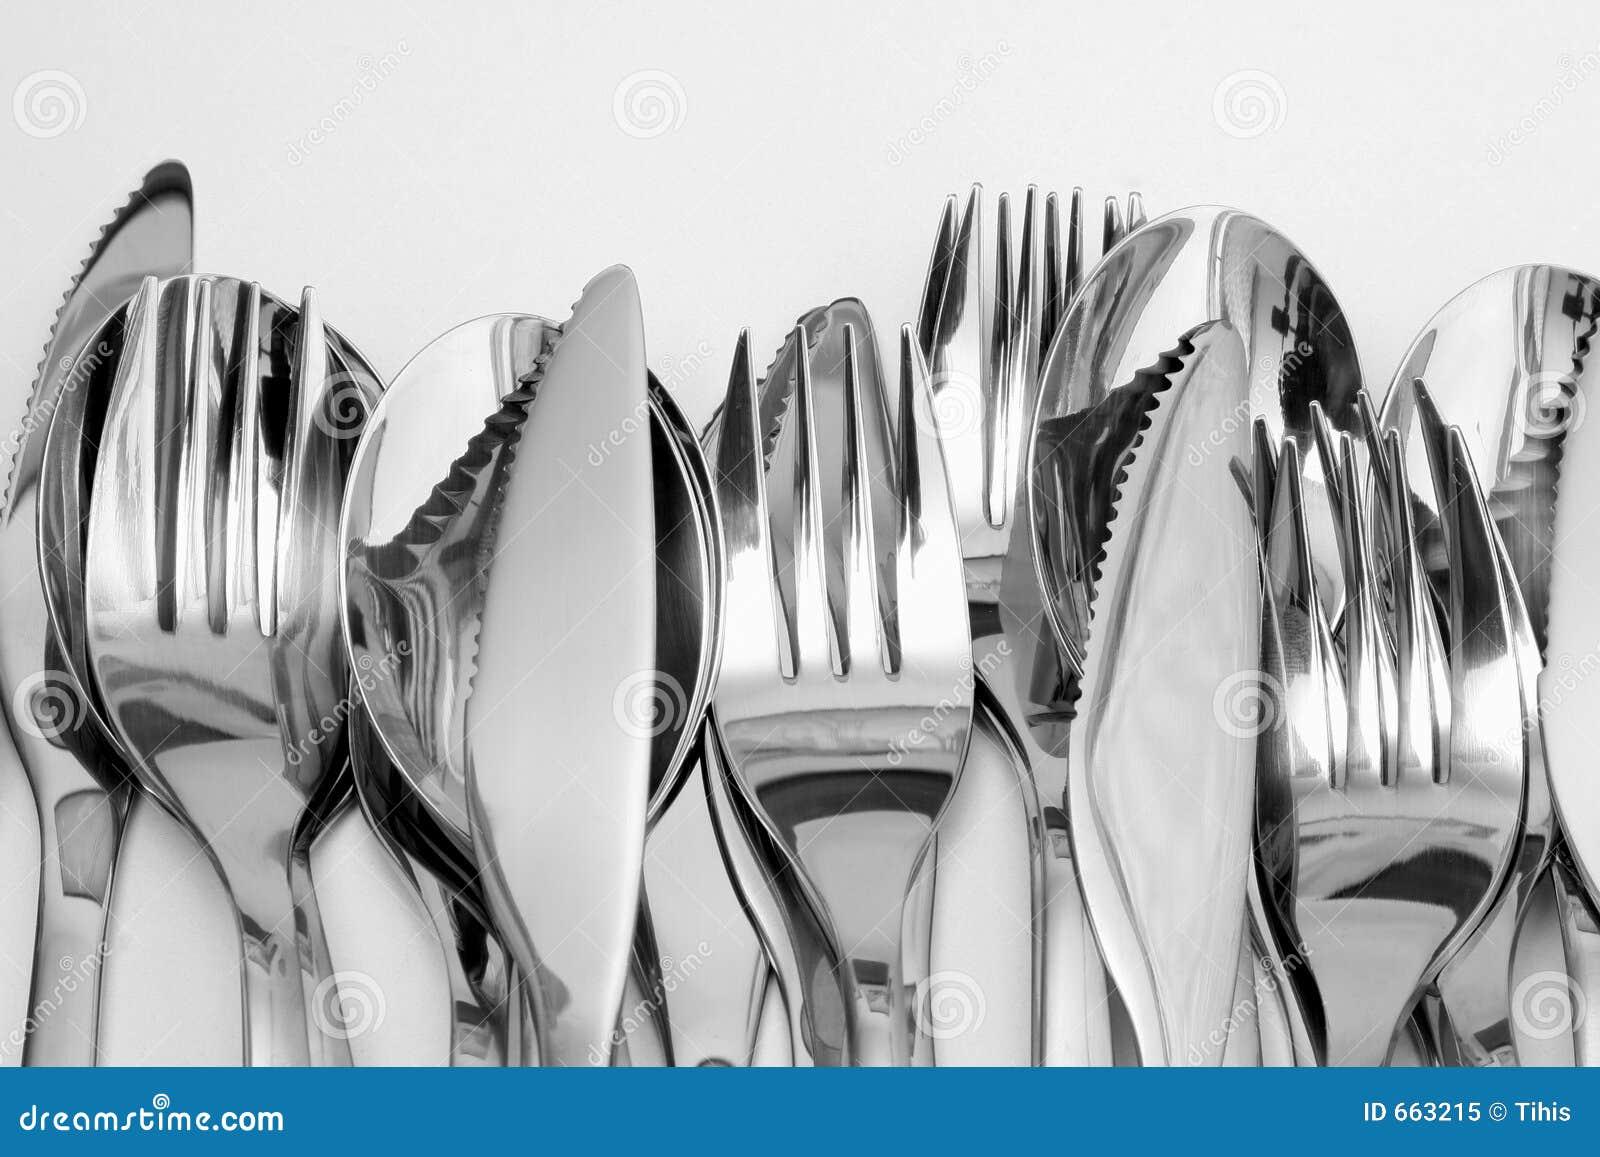 Tischbesteck